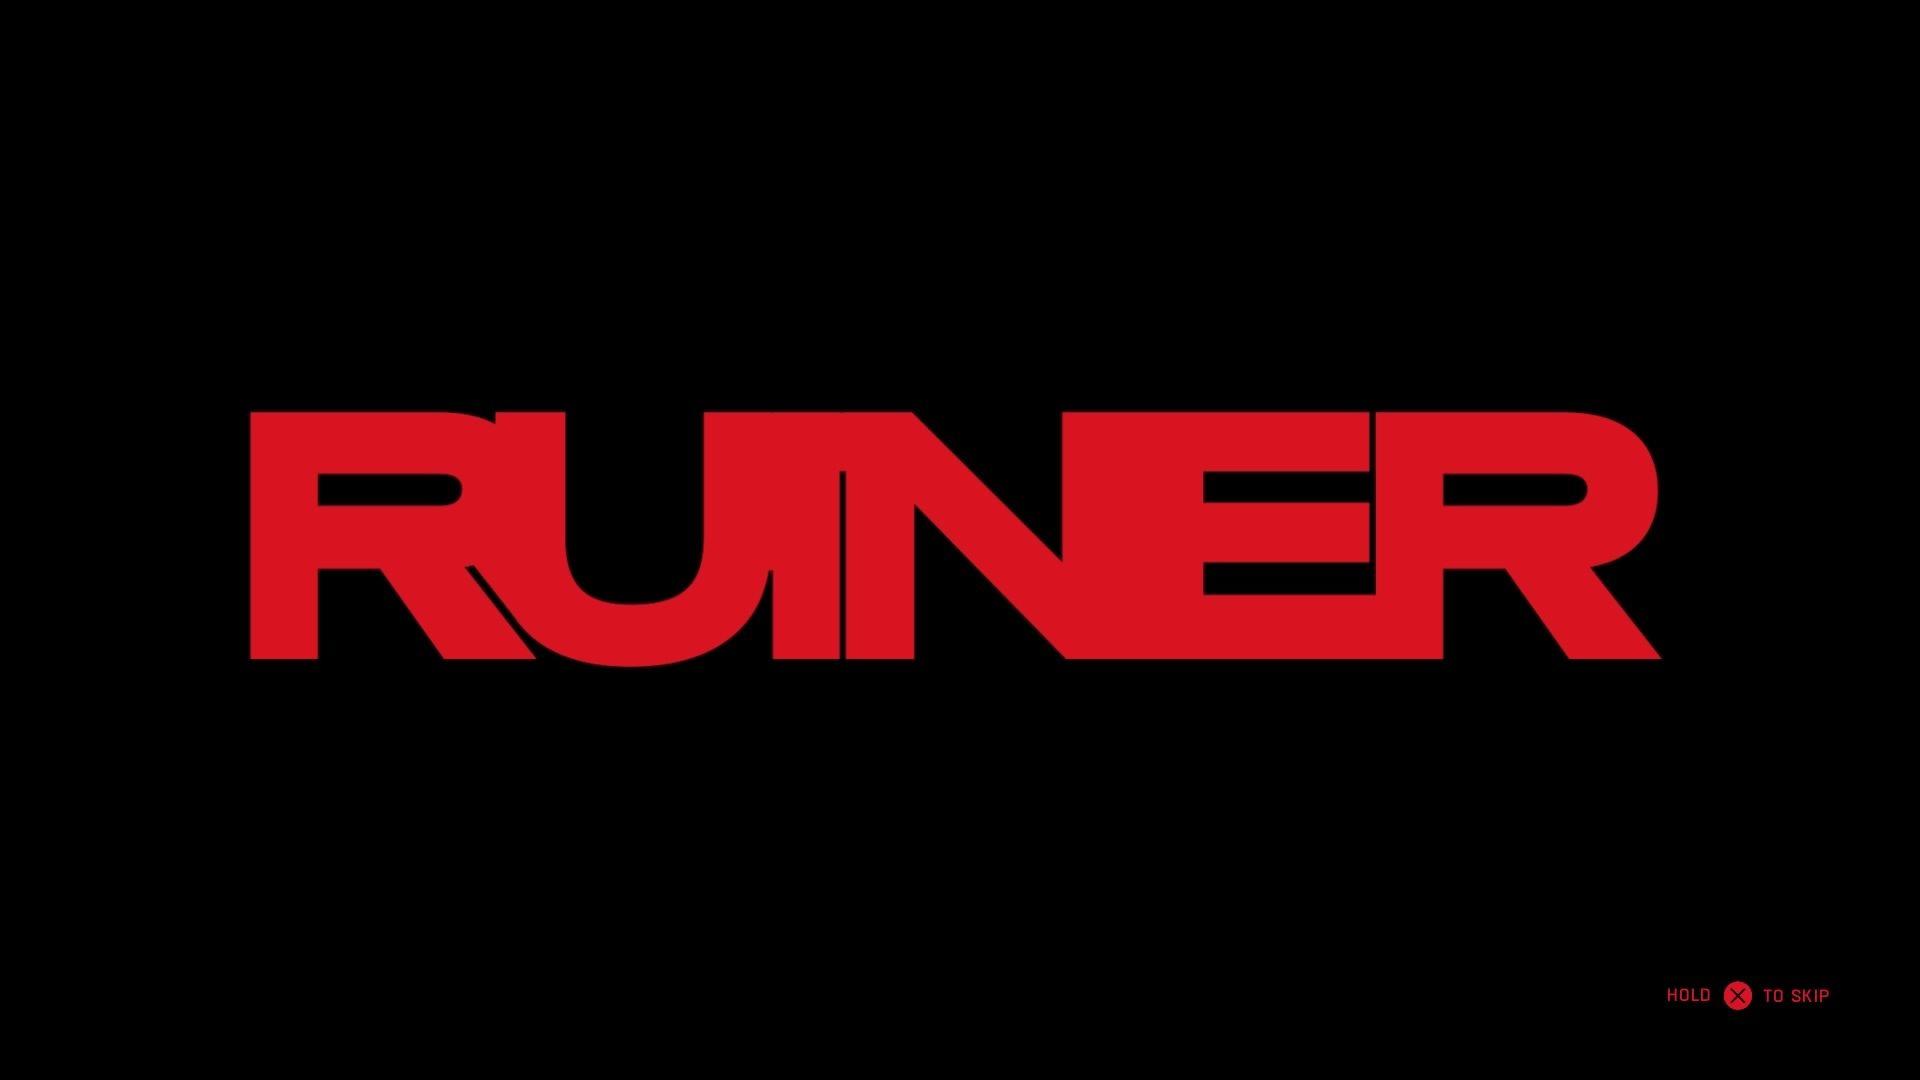 RUINER title